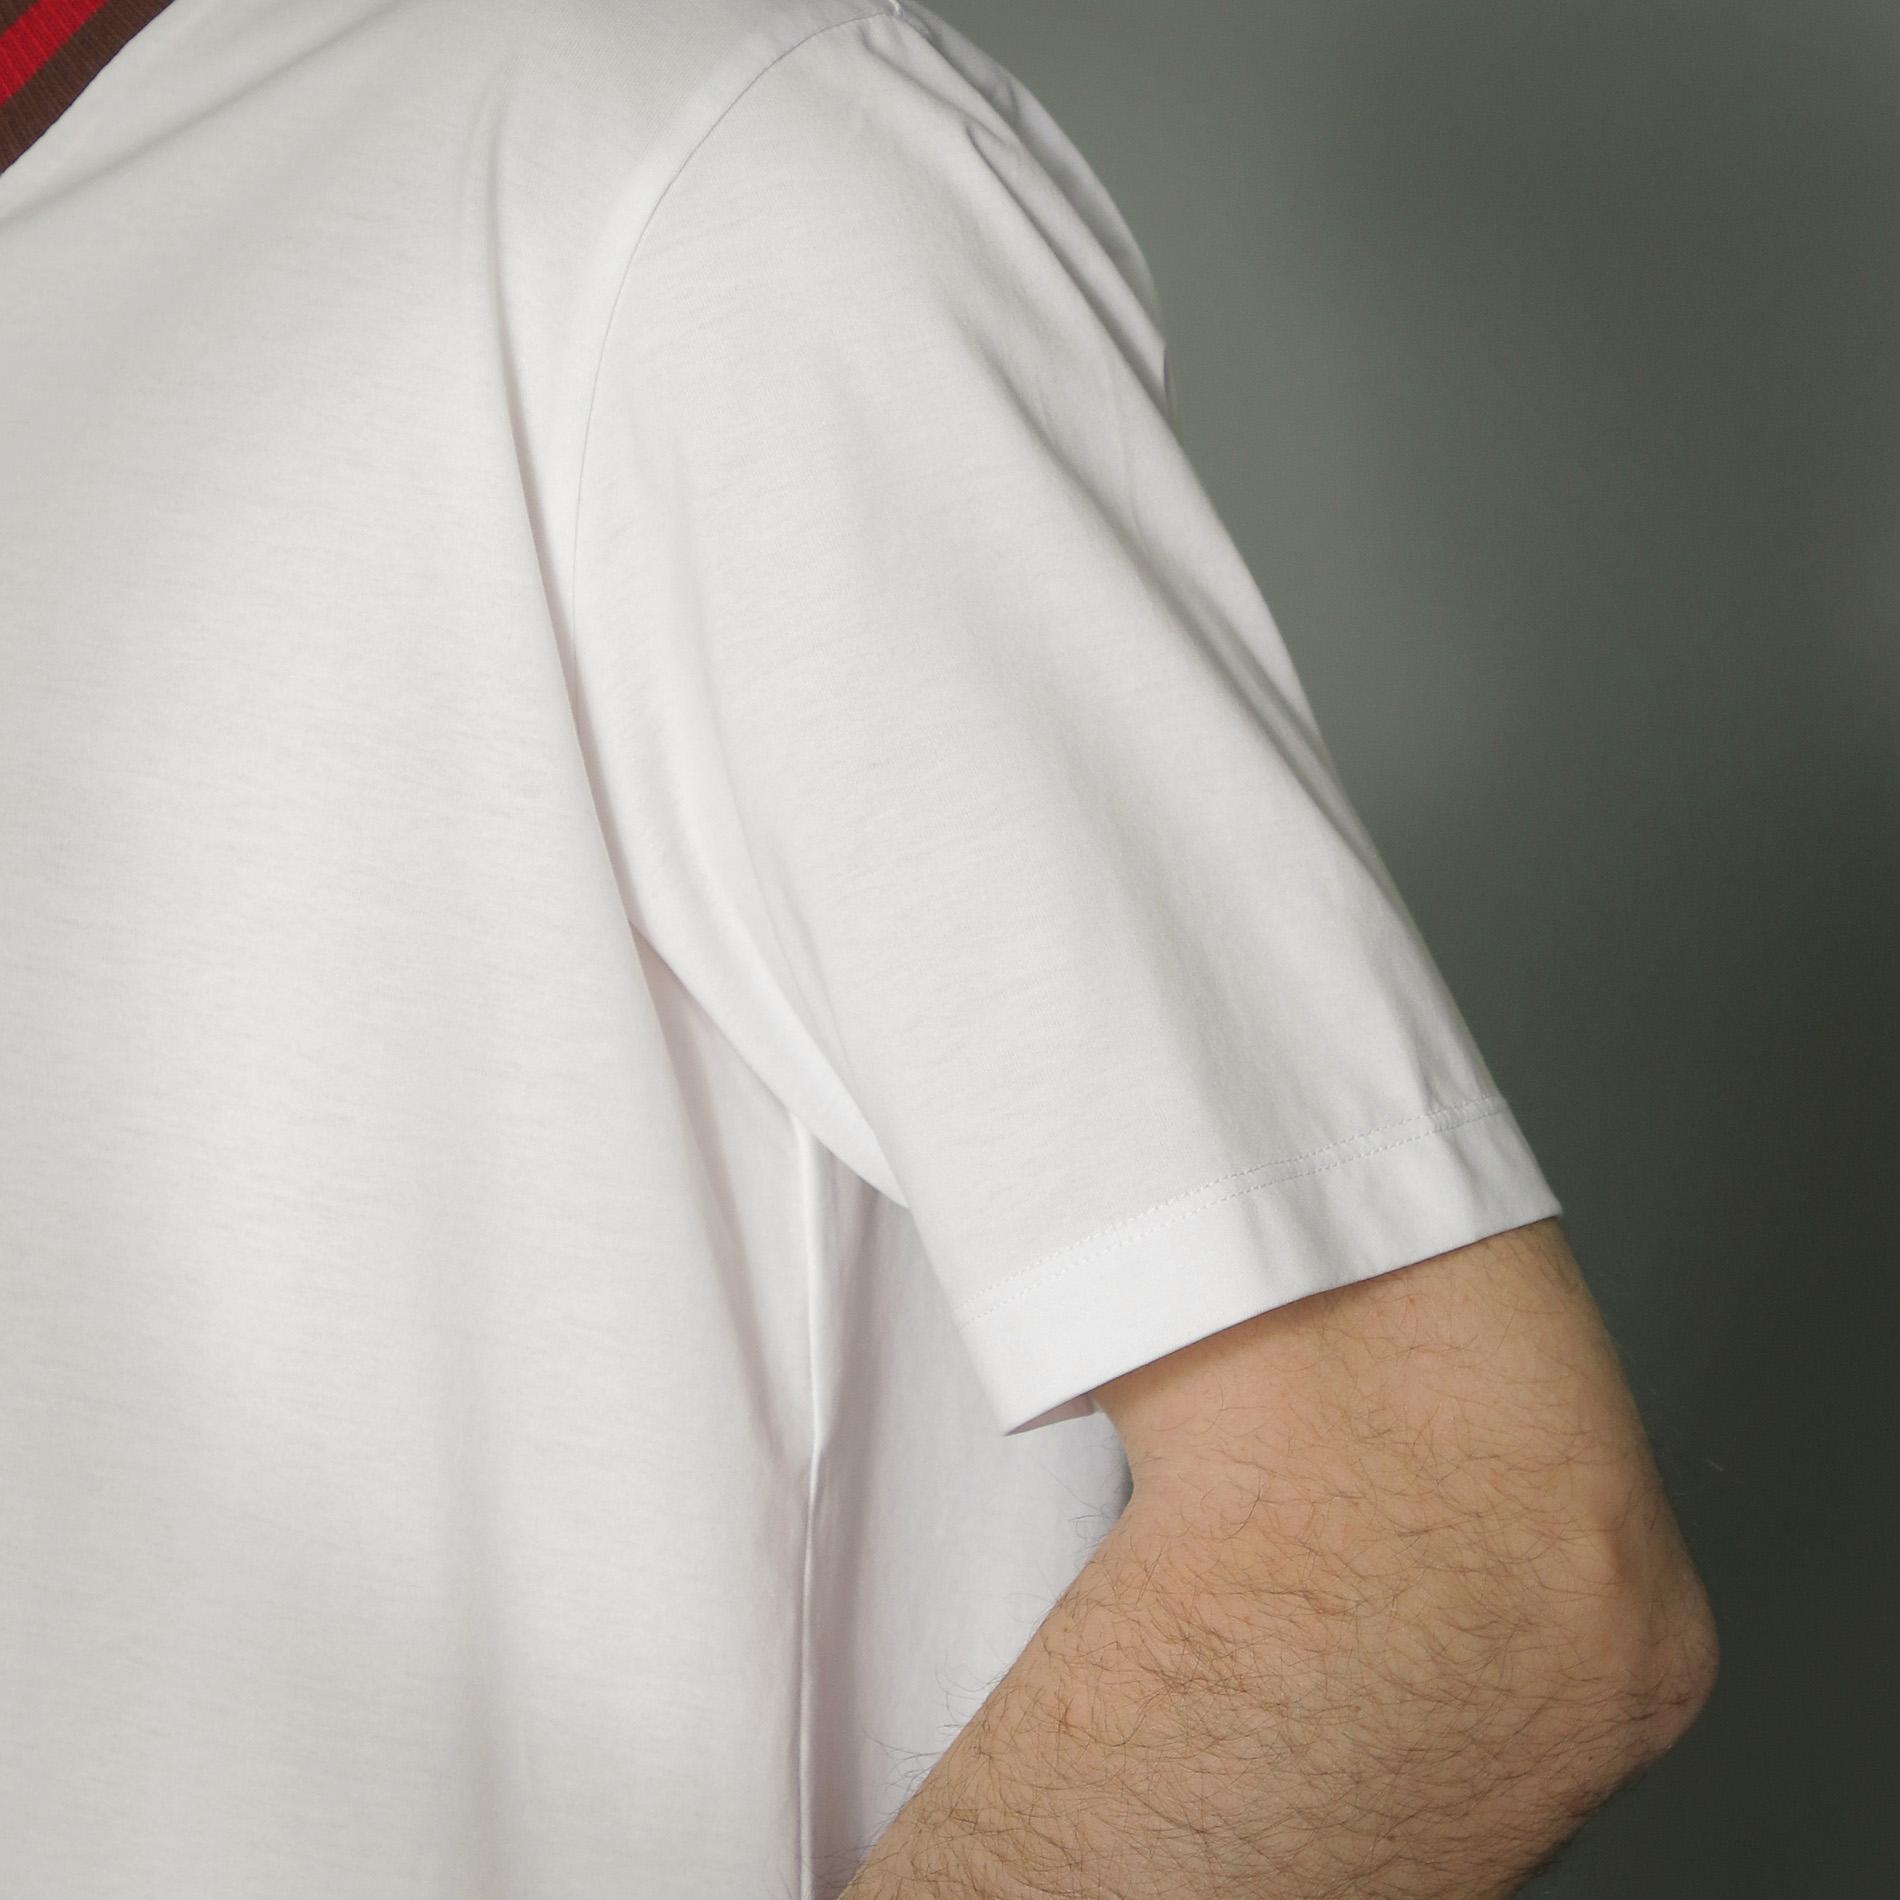 ハウスカラーネックラインTシャツ